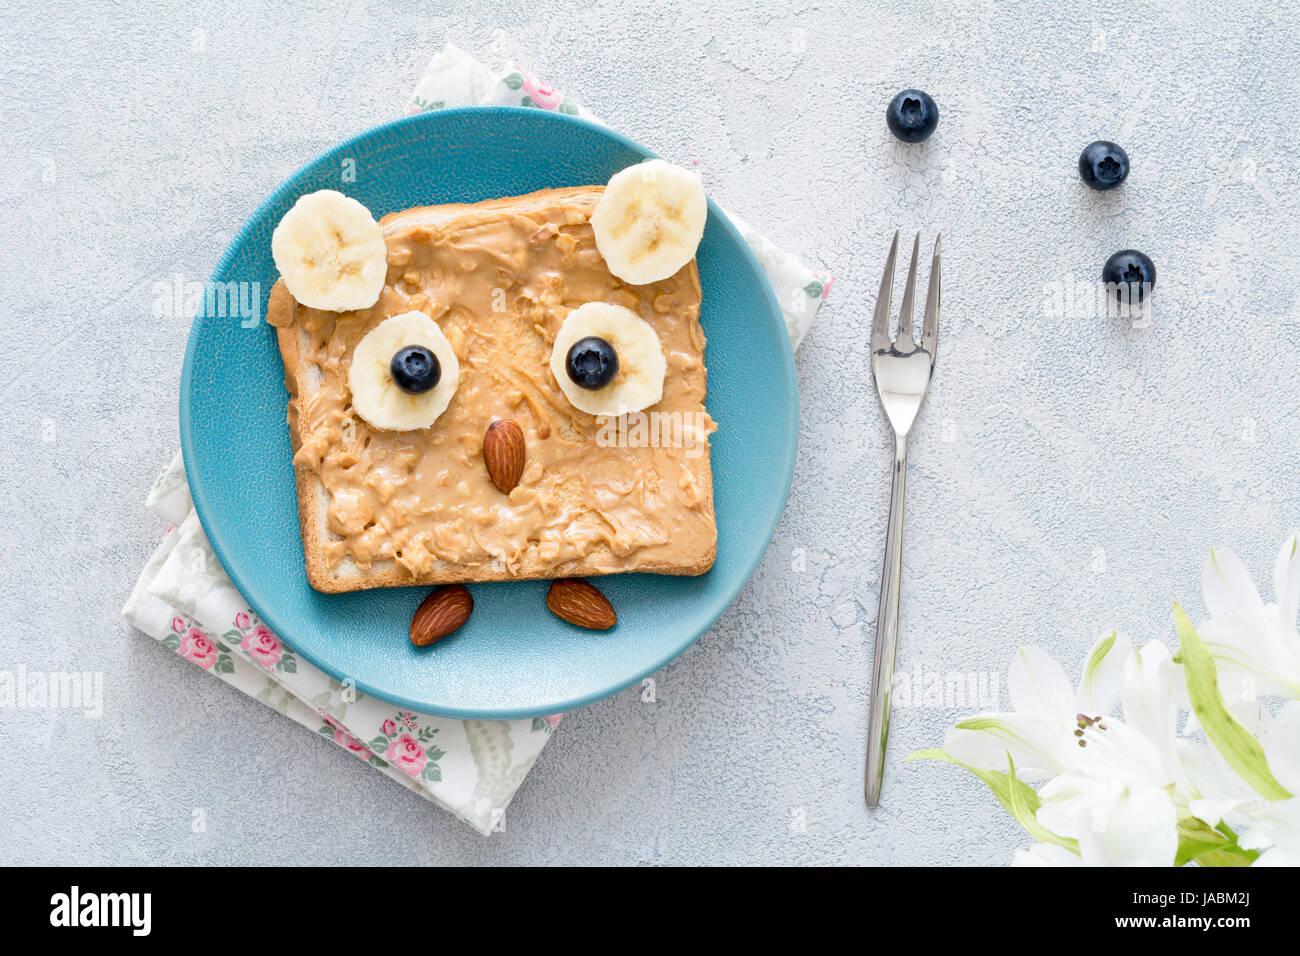 Peanut butter toast for kids healthy breakfast. Owl shaped funny breakfast food art Stock Photo